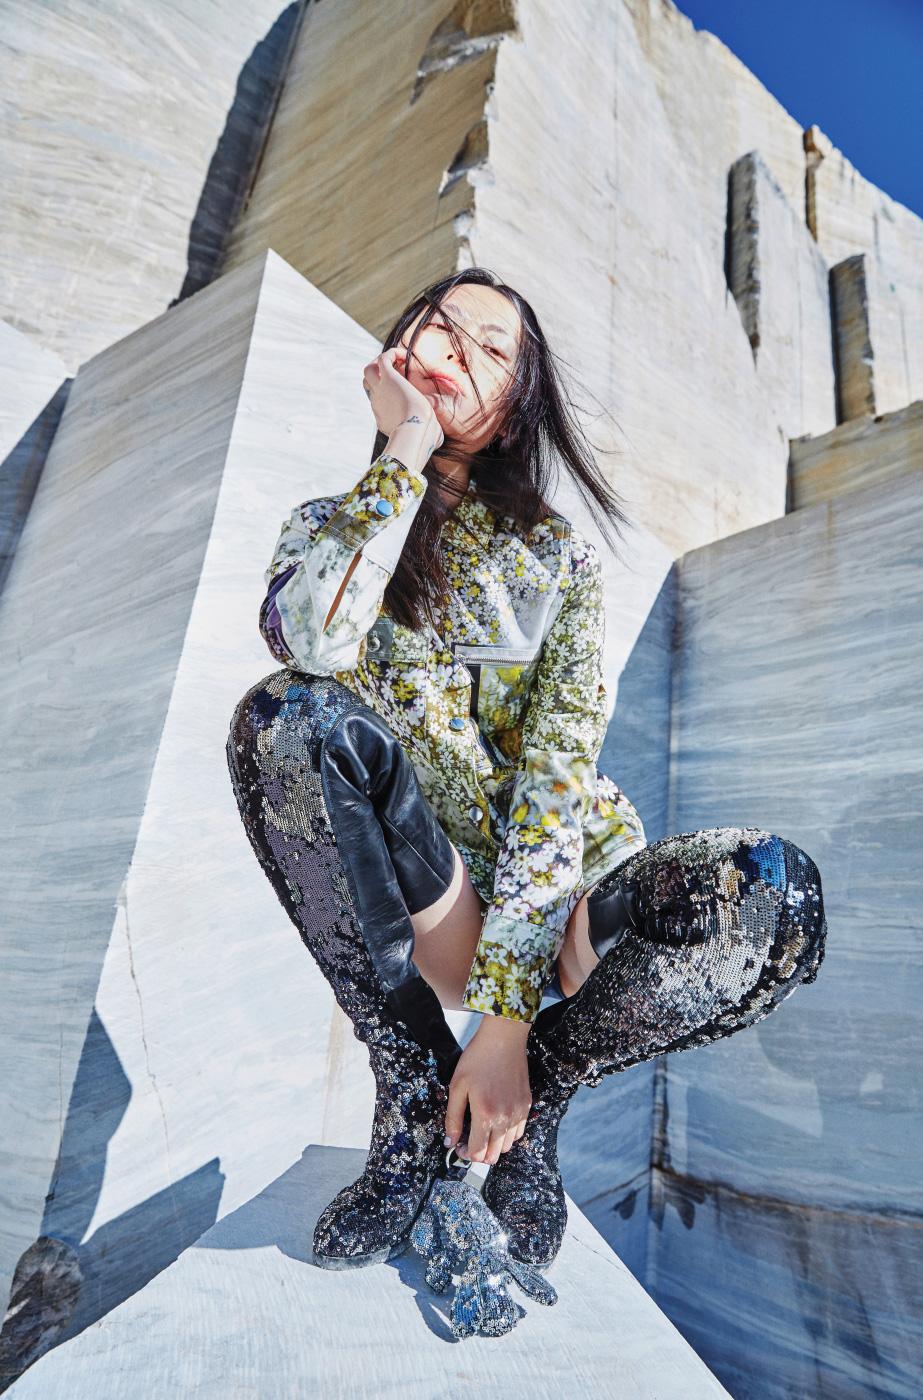 잔잔한 꽃무늬를 그래픽적으로 활용한 버튼 장식 재킷, 스팽글이 뒤덮인 사이하이 가죽 부츠, 강아지 모양 인형 키링은 모두 MM6 제품.